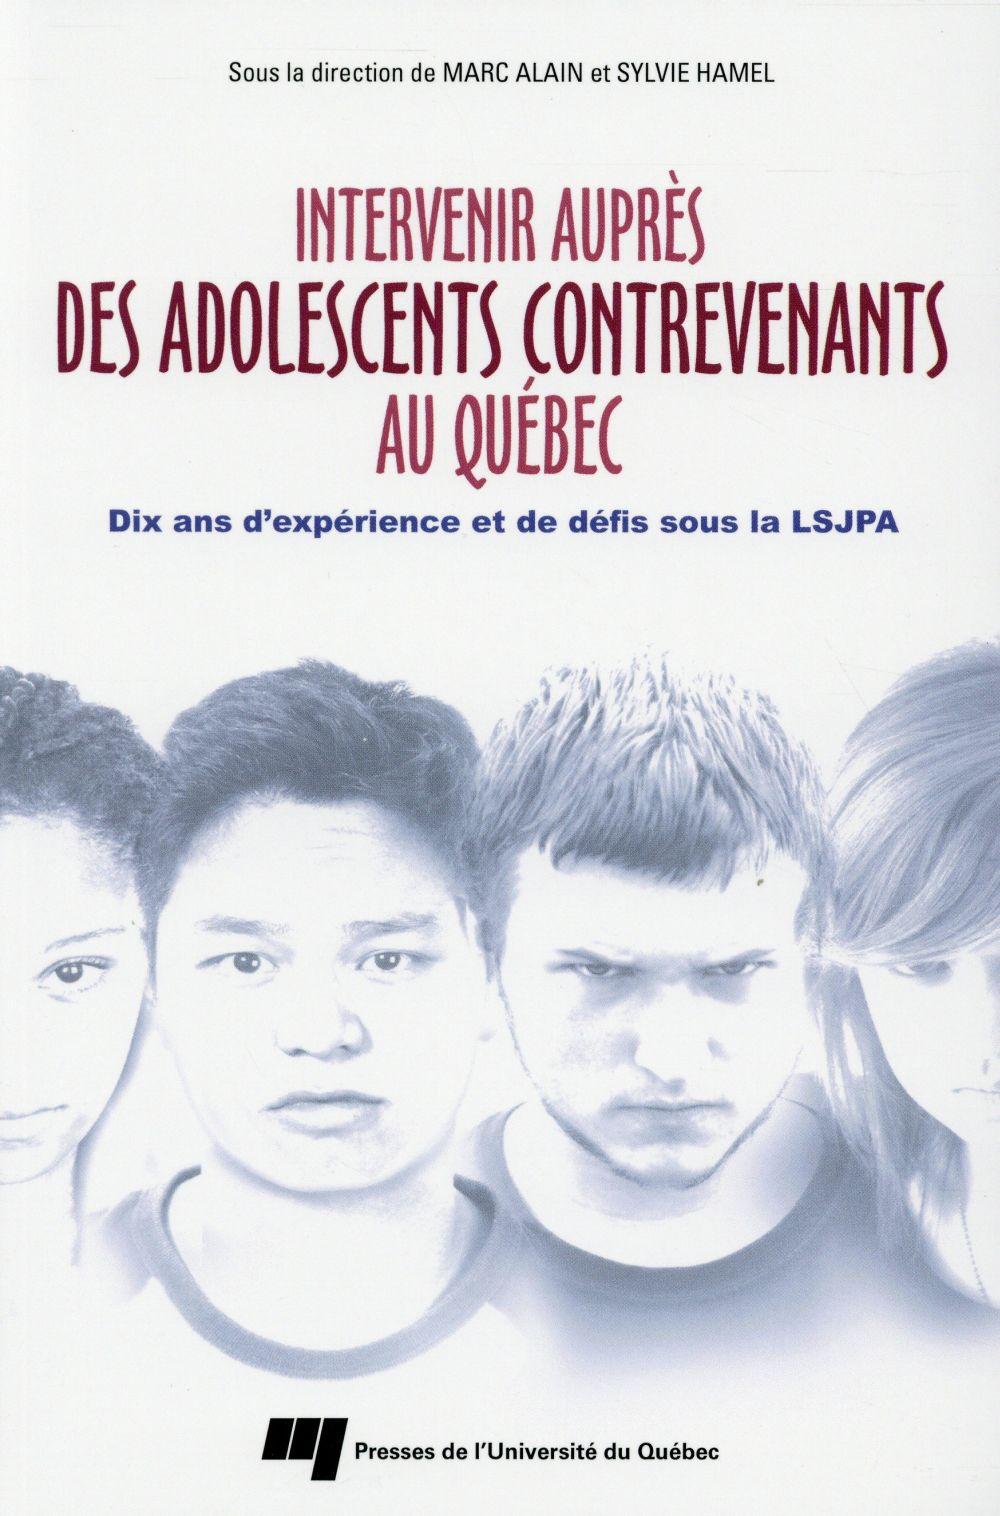 Intervenir auprès des adolescents contrevenants au Québec, Dix ans d'expérience et de défis sous la LSJPA